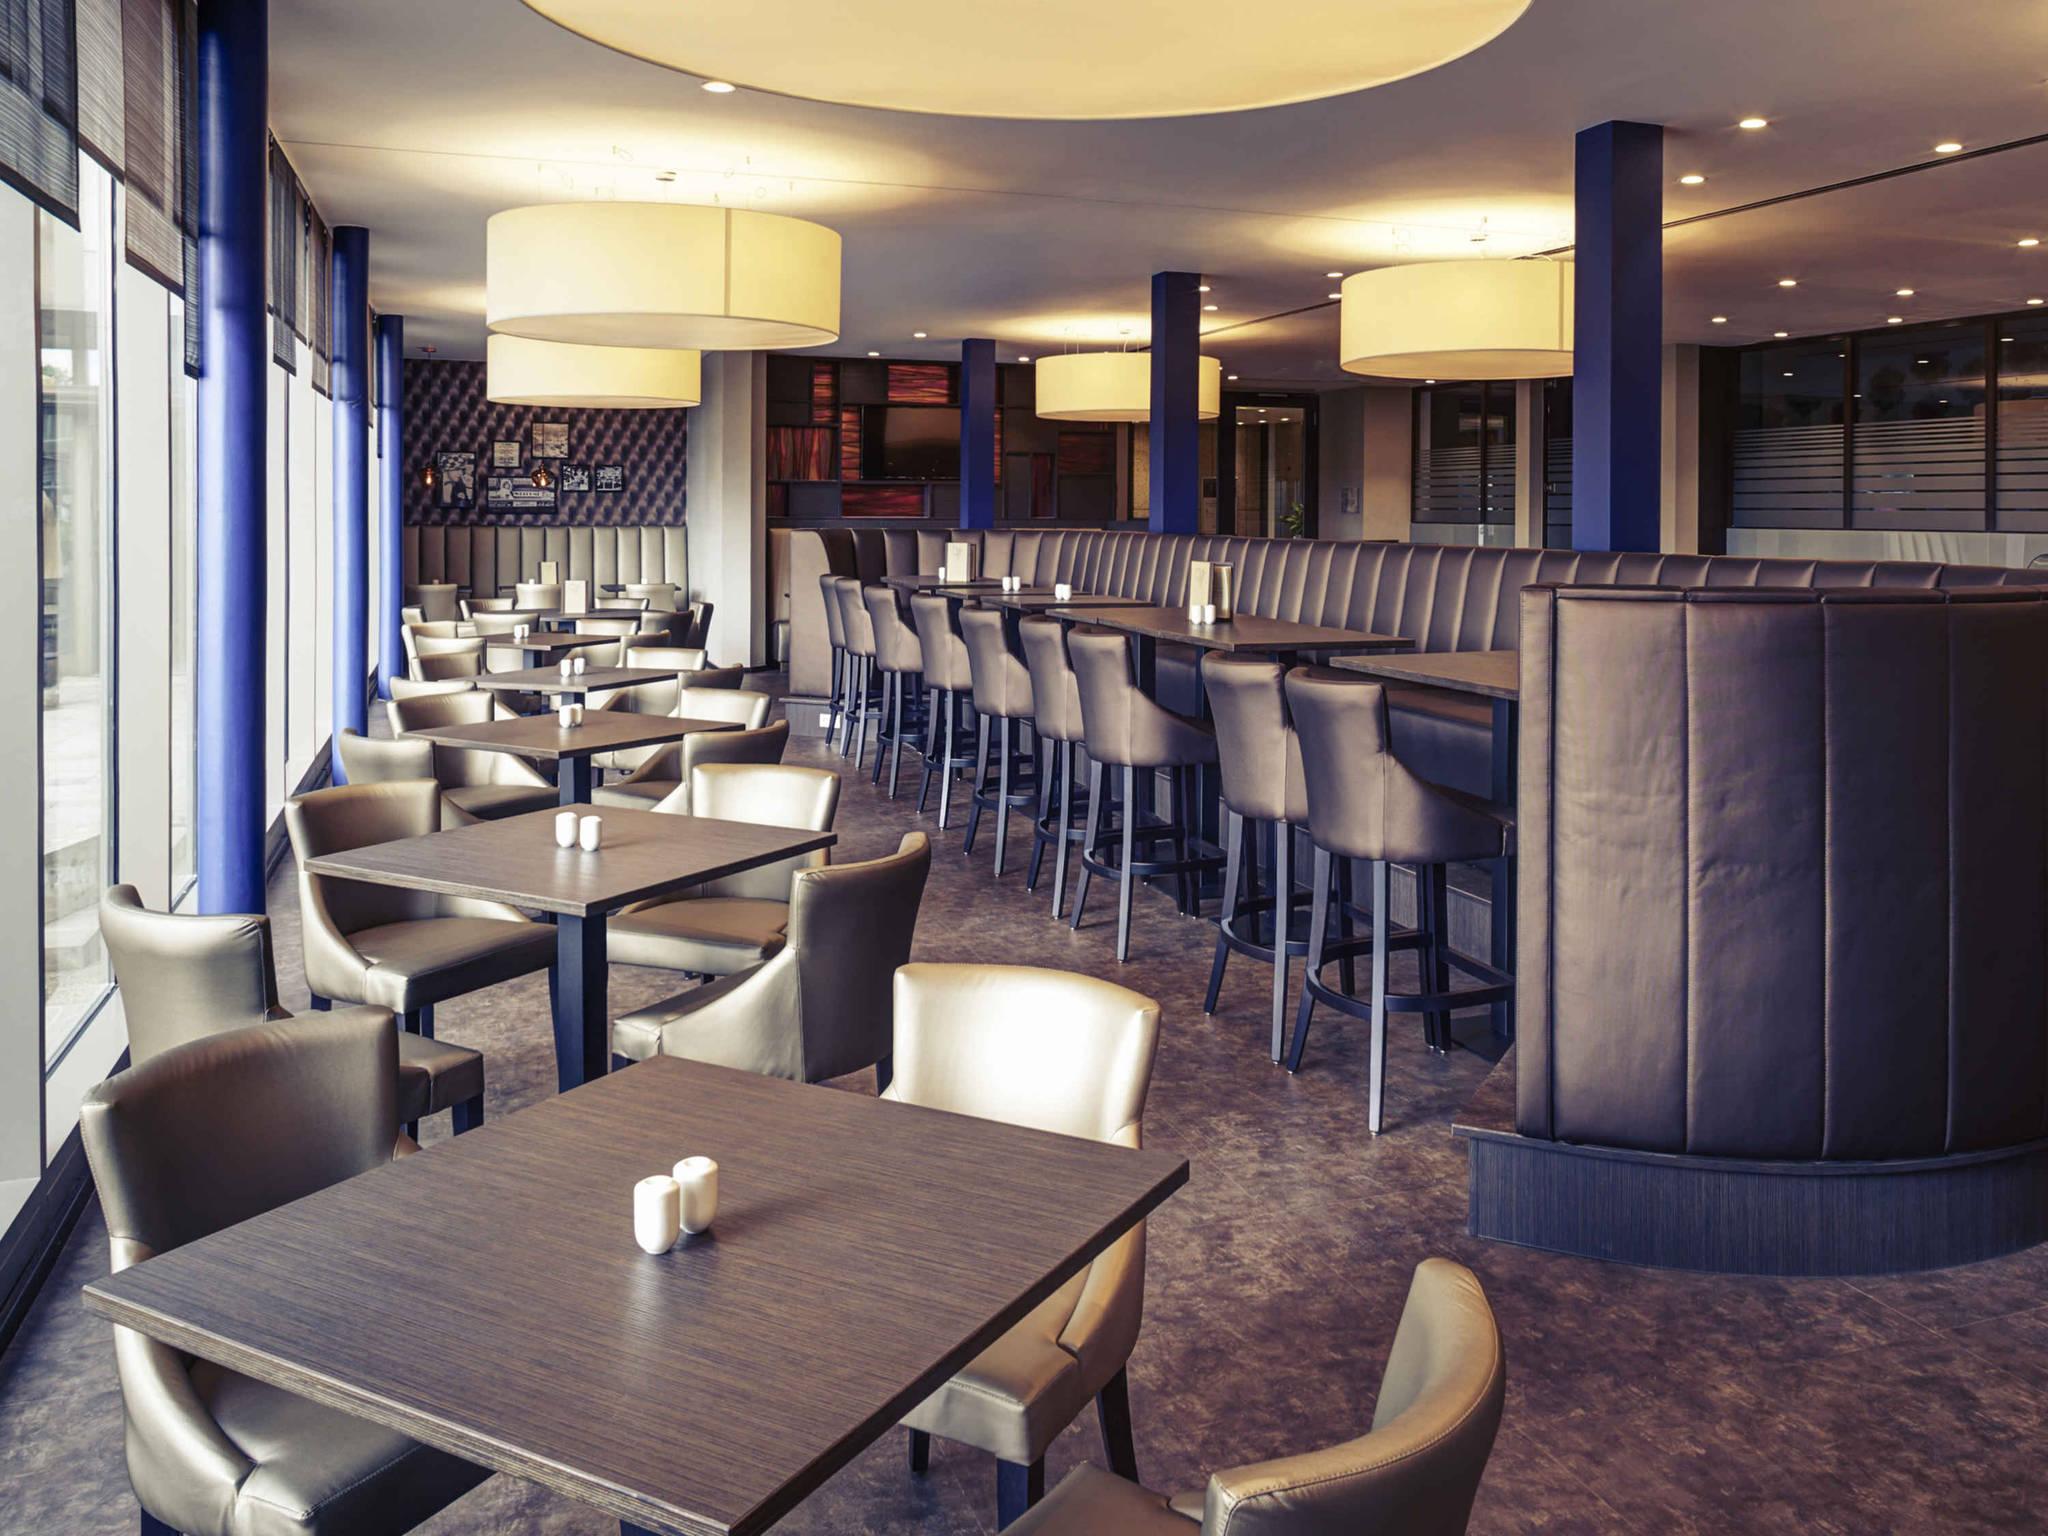 kchen dortmund awesome fitted kitchen laminate flooring. Black Bedroom Furniture Sets. Home Design Ideas